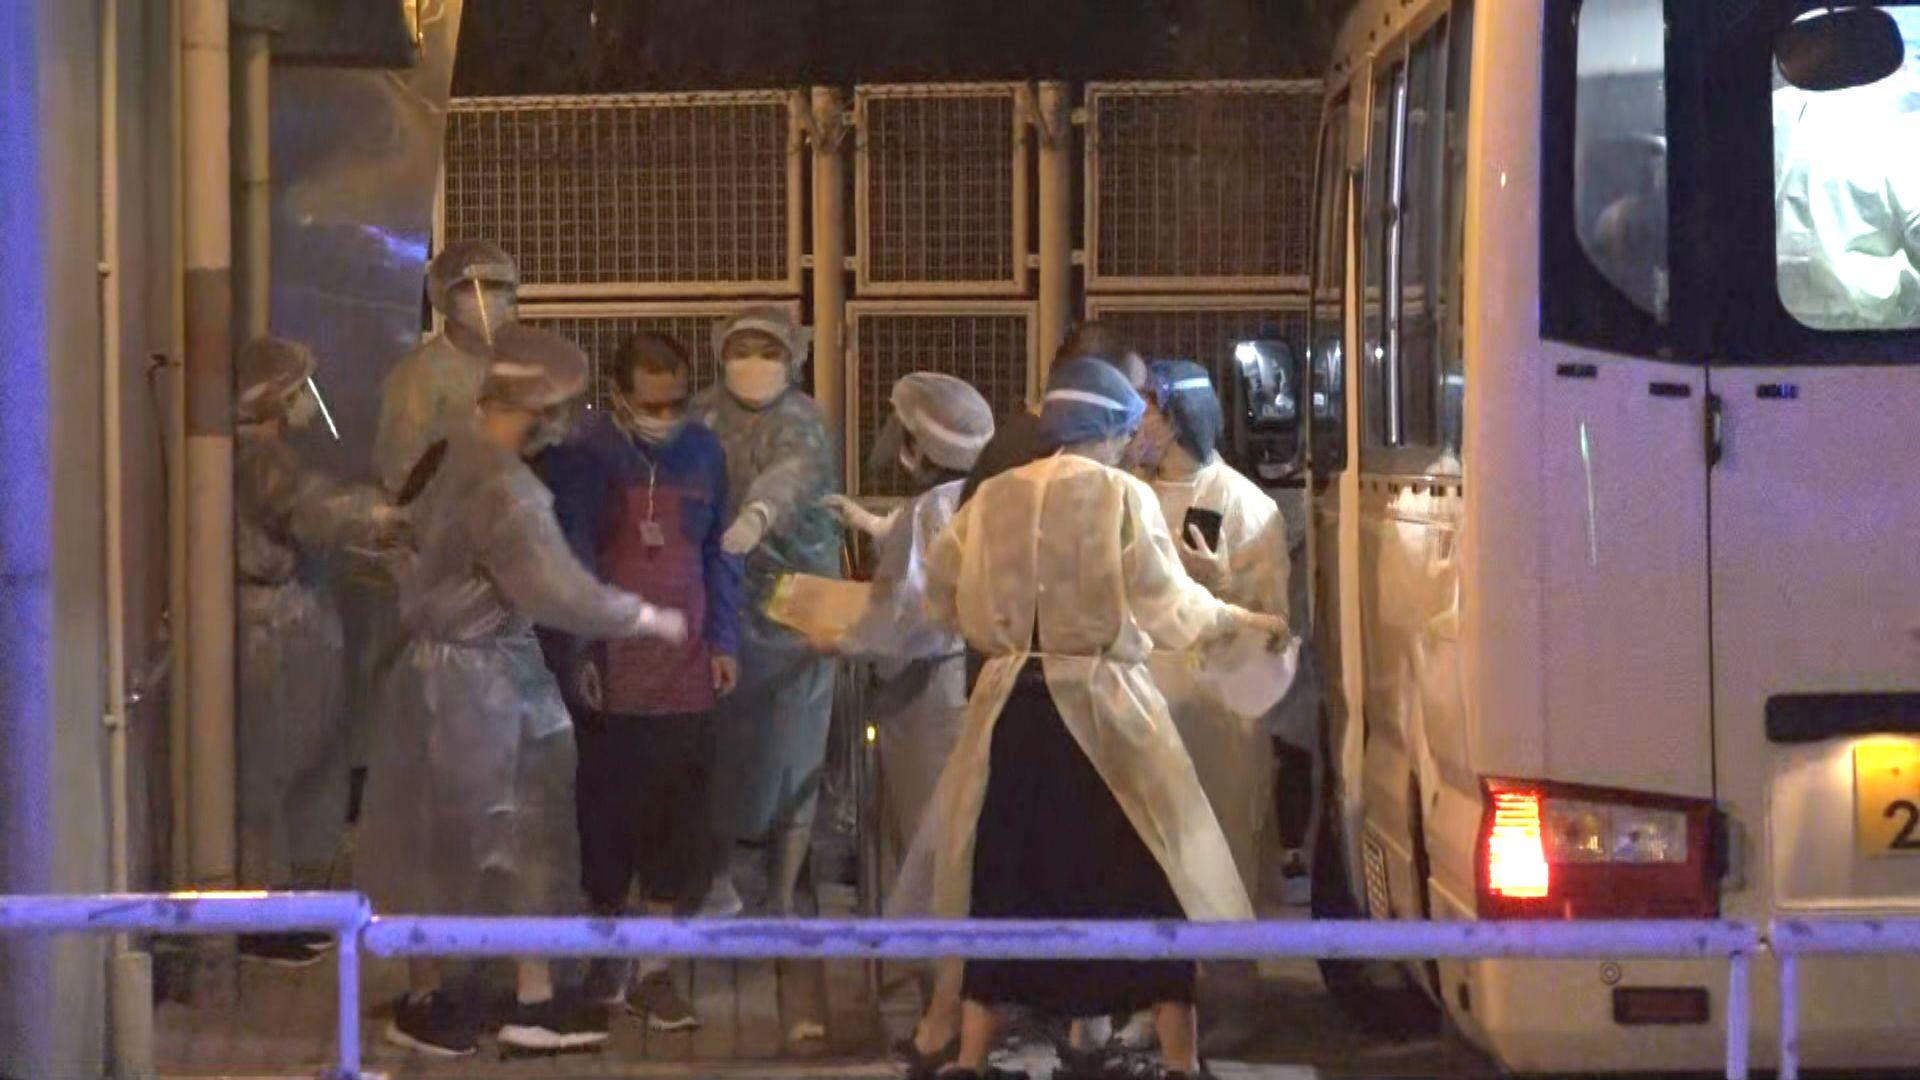 匡智梨木樹宿舍數十名院友晚上撤離 料送到亞博檢疫